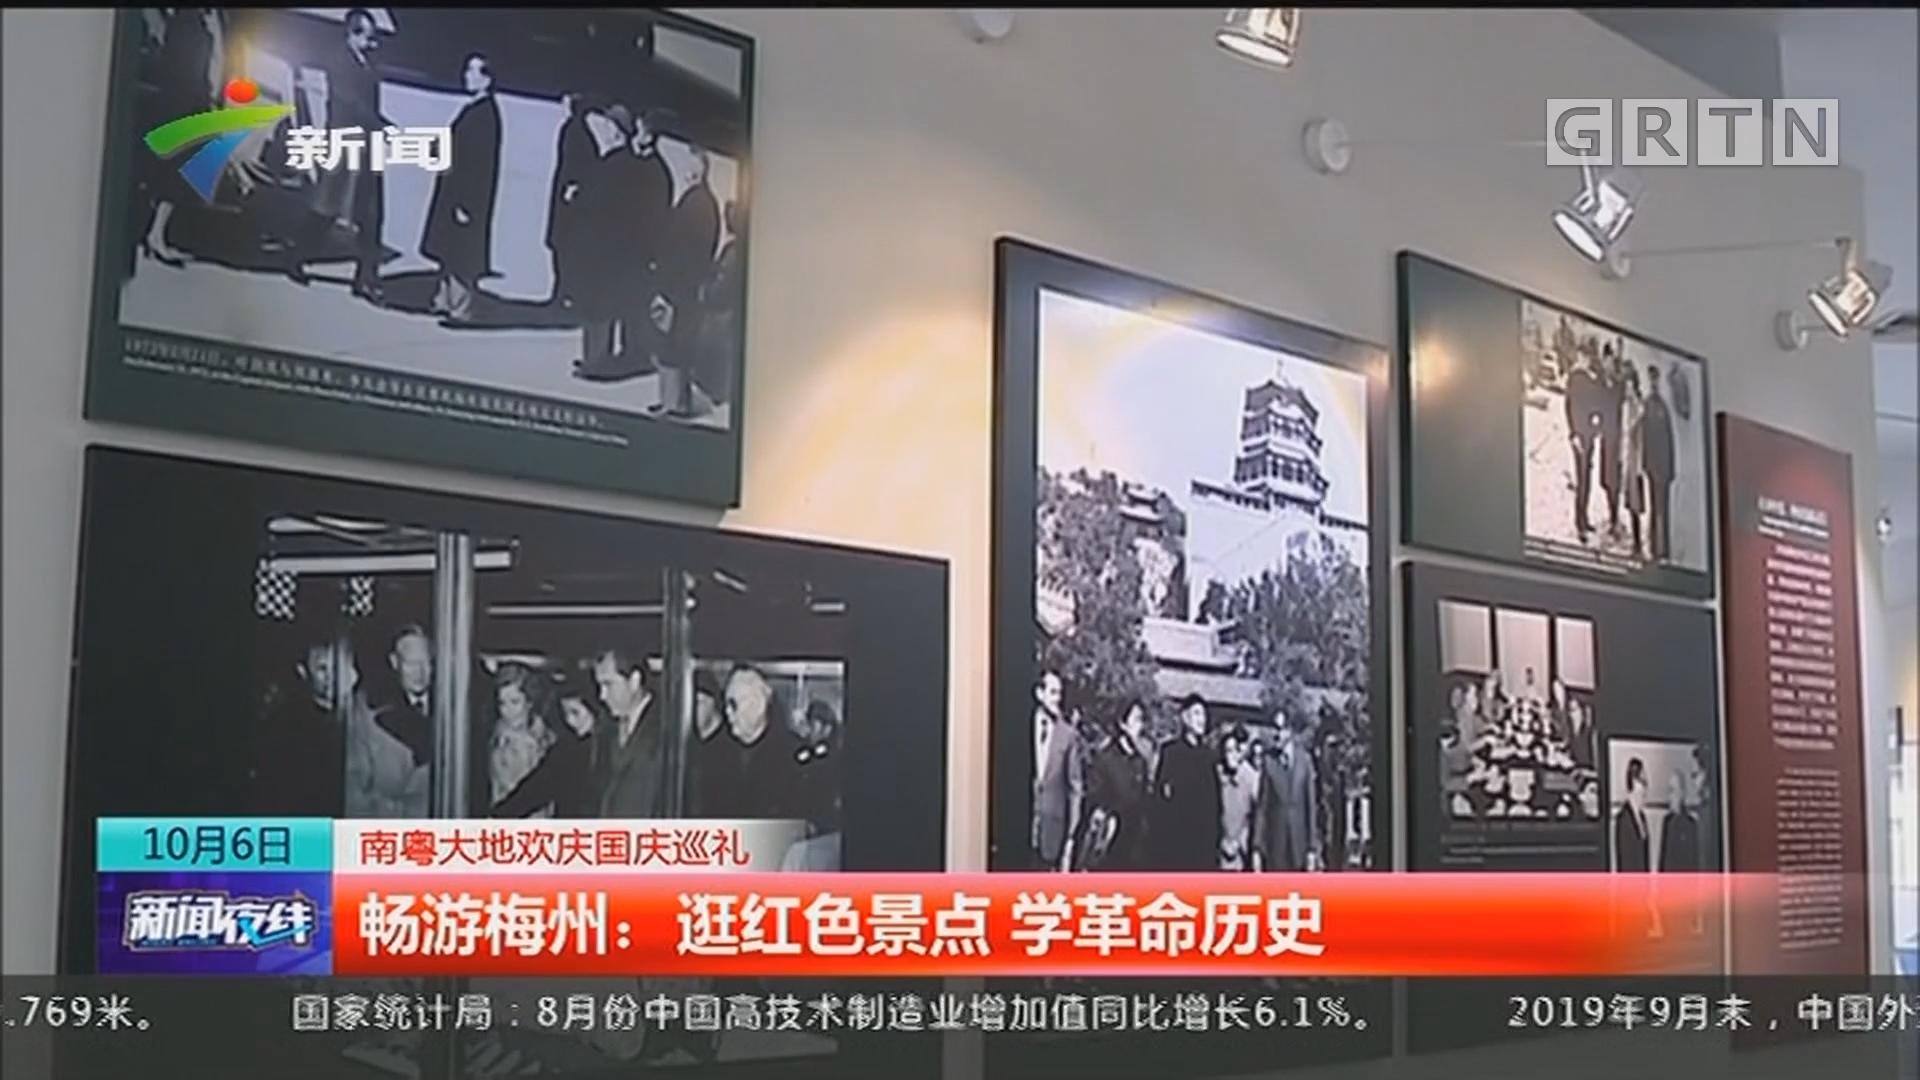 南粤大地欢庆国庆巡礼 畅游梅州:逛红色景点 学革命历史